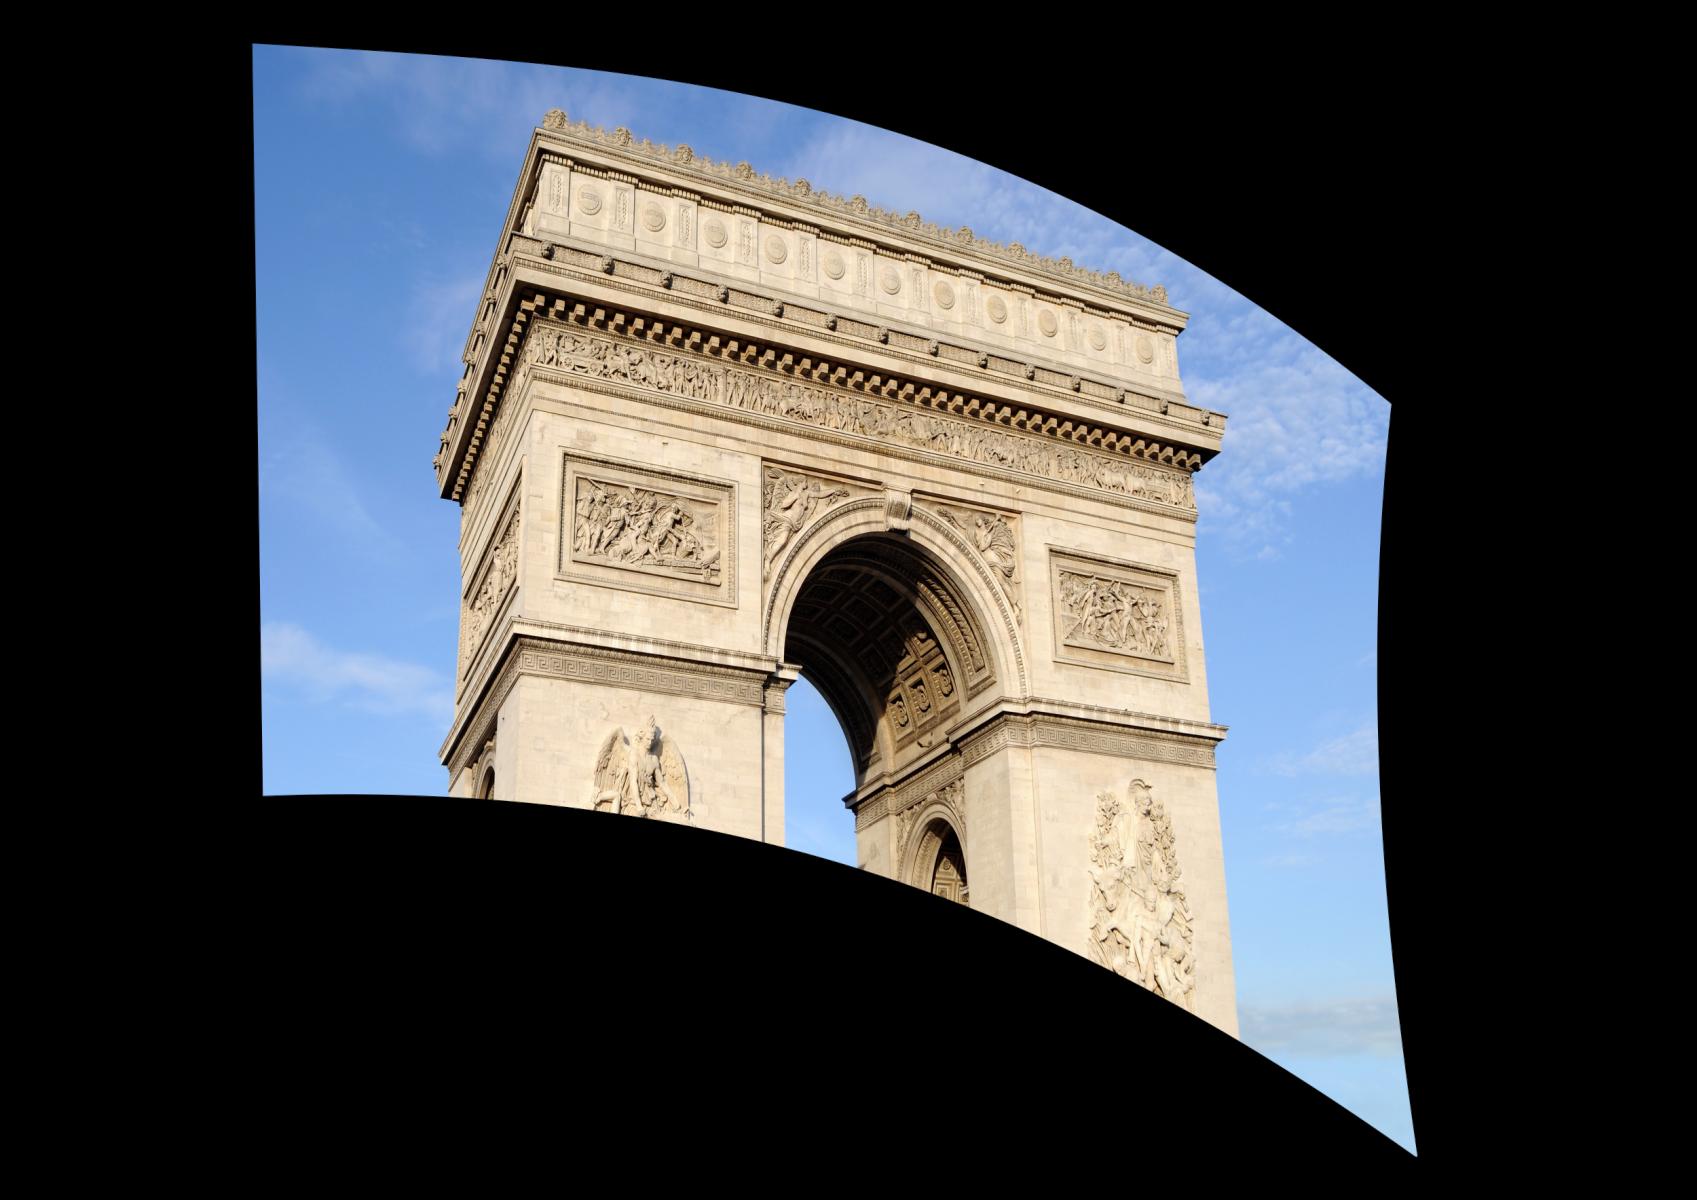 060305s - 36x54 Standard Arc de Triomphe